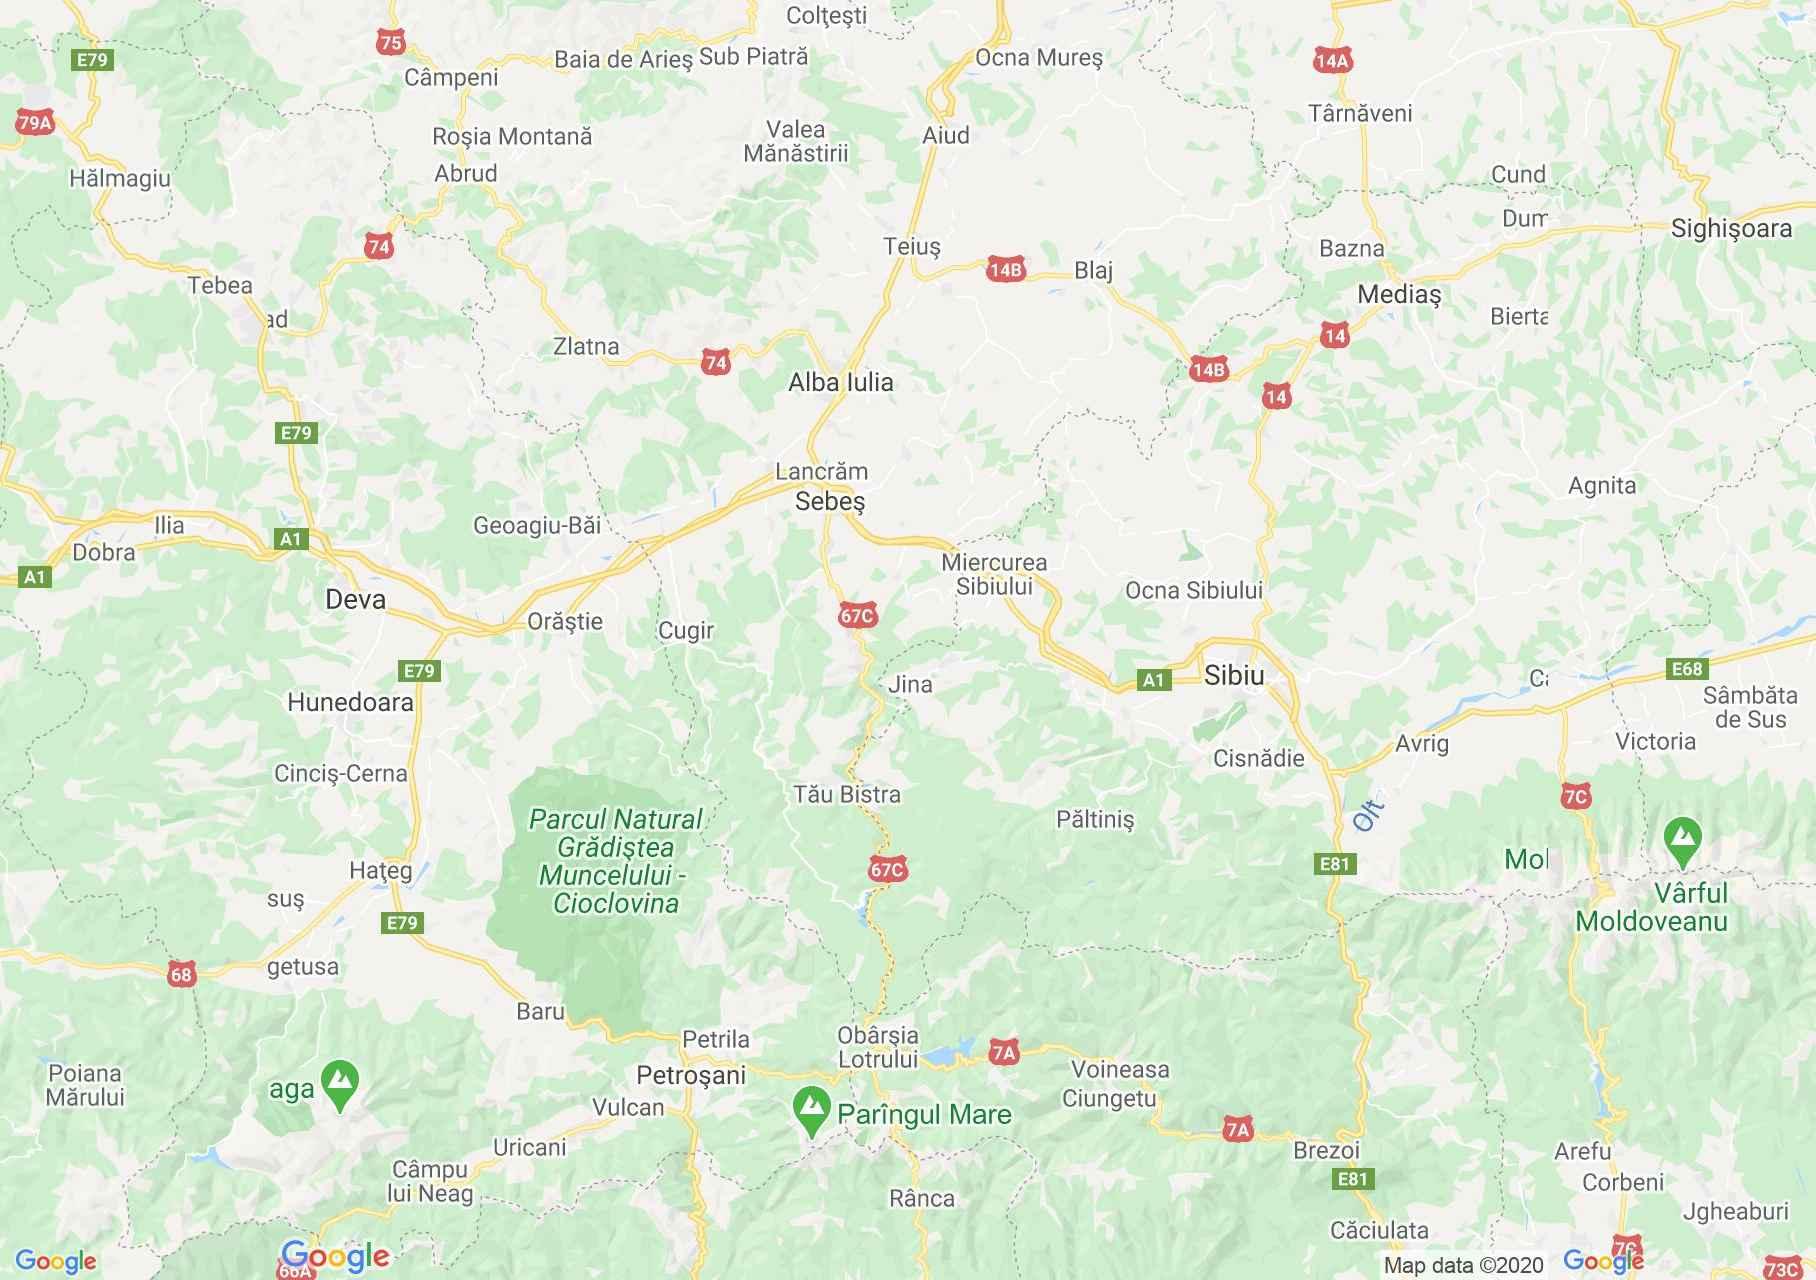 DN7: Deva-Sibiu, Harta turistică interactivă